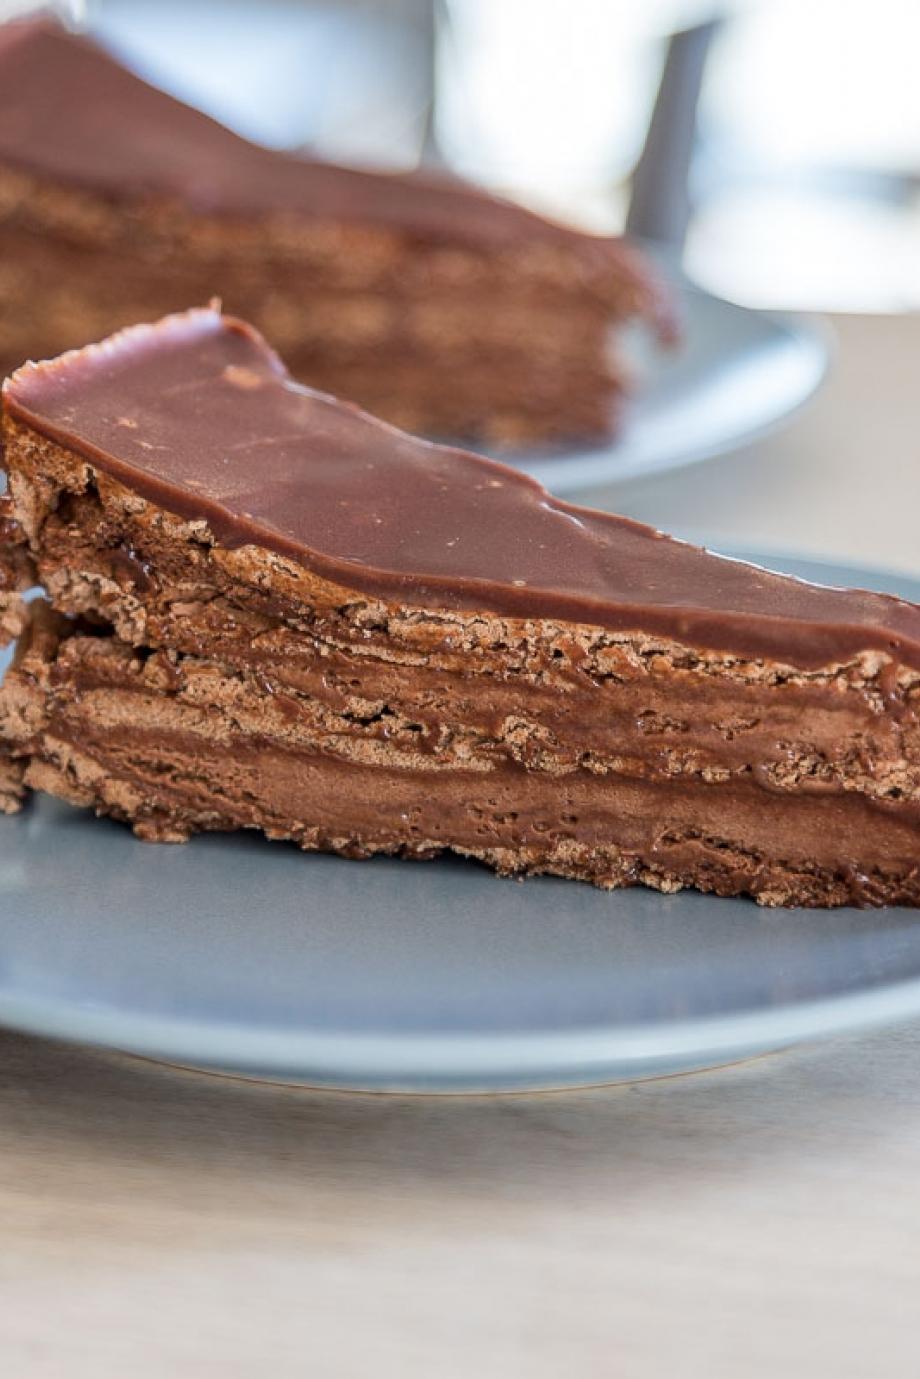 PortoCool_Comer_O_Melhor_Bolo_de_Chocolate_do_Mundo